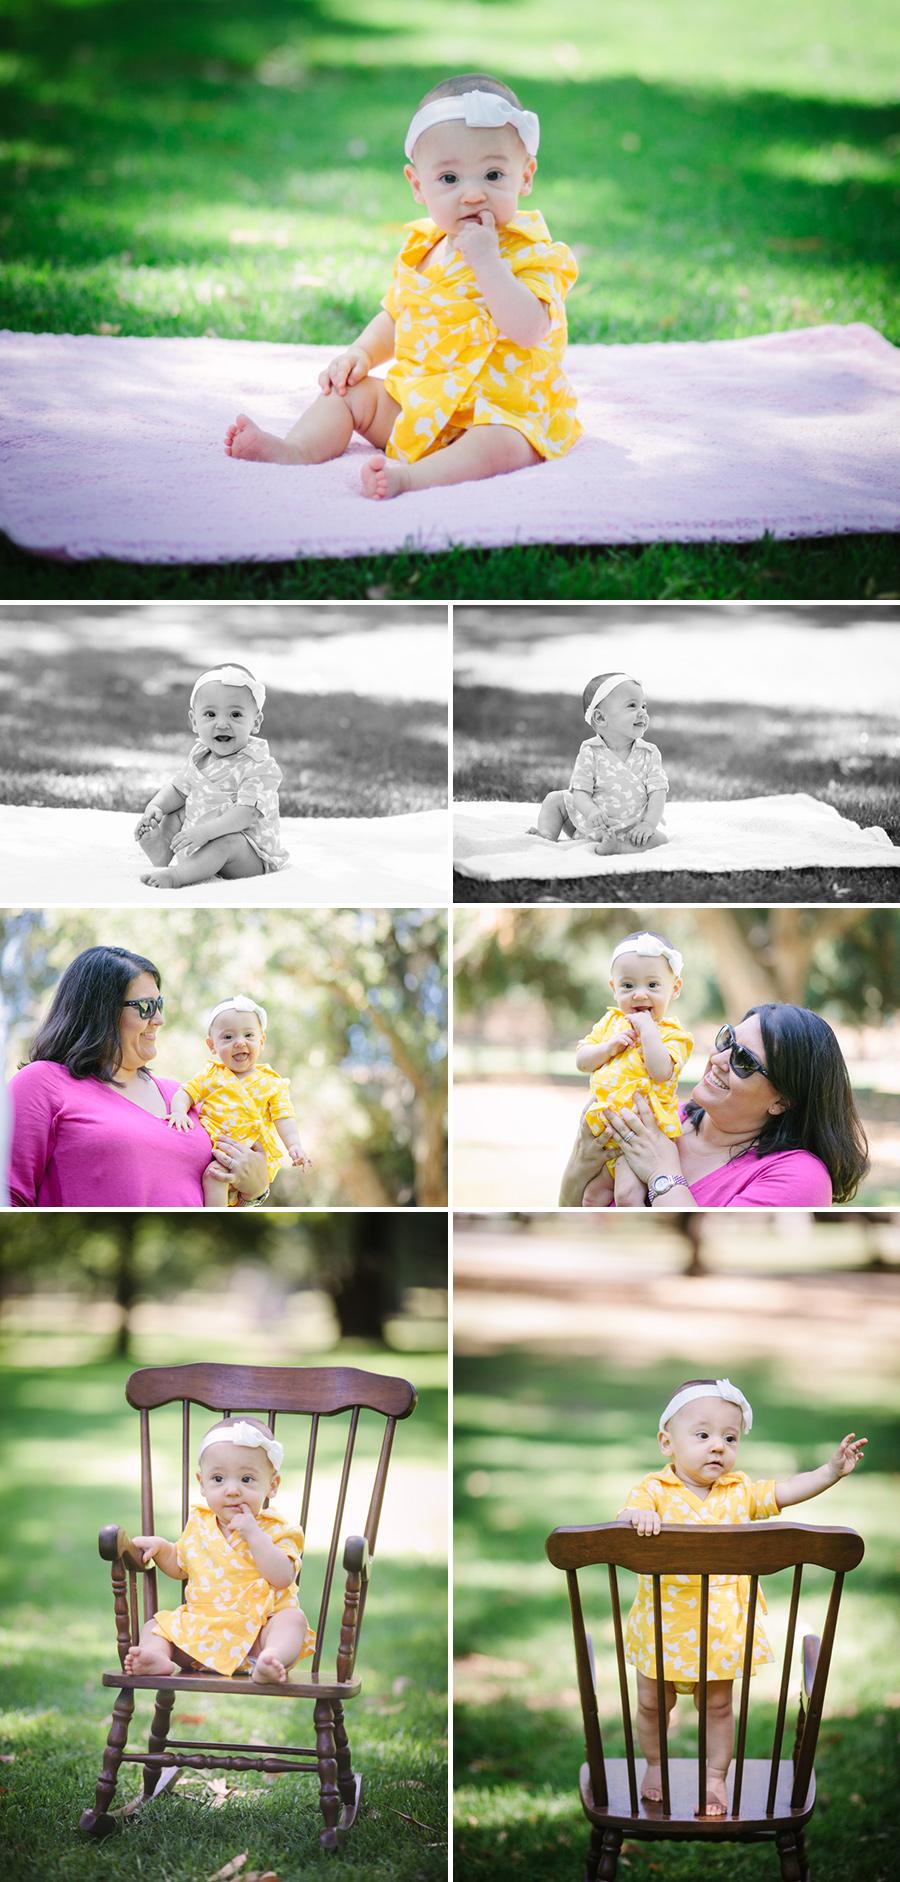 Irvine Park Family Photographer_Welch Family_Thomas Pellicer_1.jpg